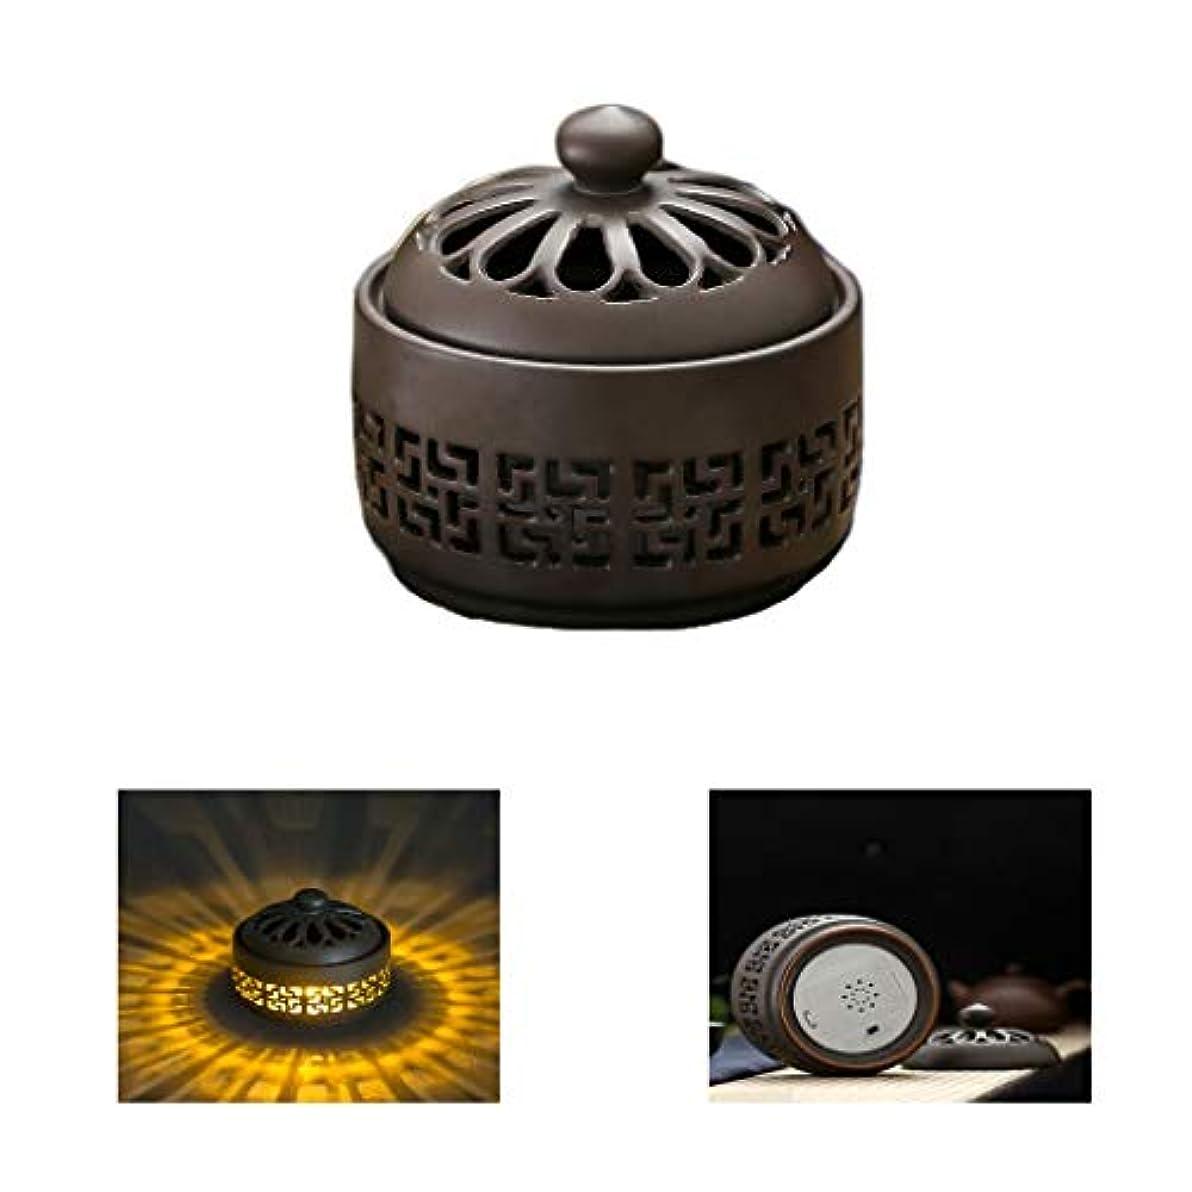 海外で写真を描く誤解芳香器?アロマバーナー LED暖かい光香バーナーレトロノスタルジックなセラミック香炉高温アロマセラピー炉 アロマバーナー (Color : Earth tones)